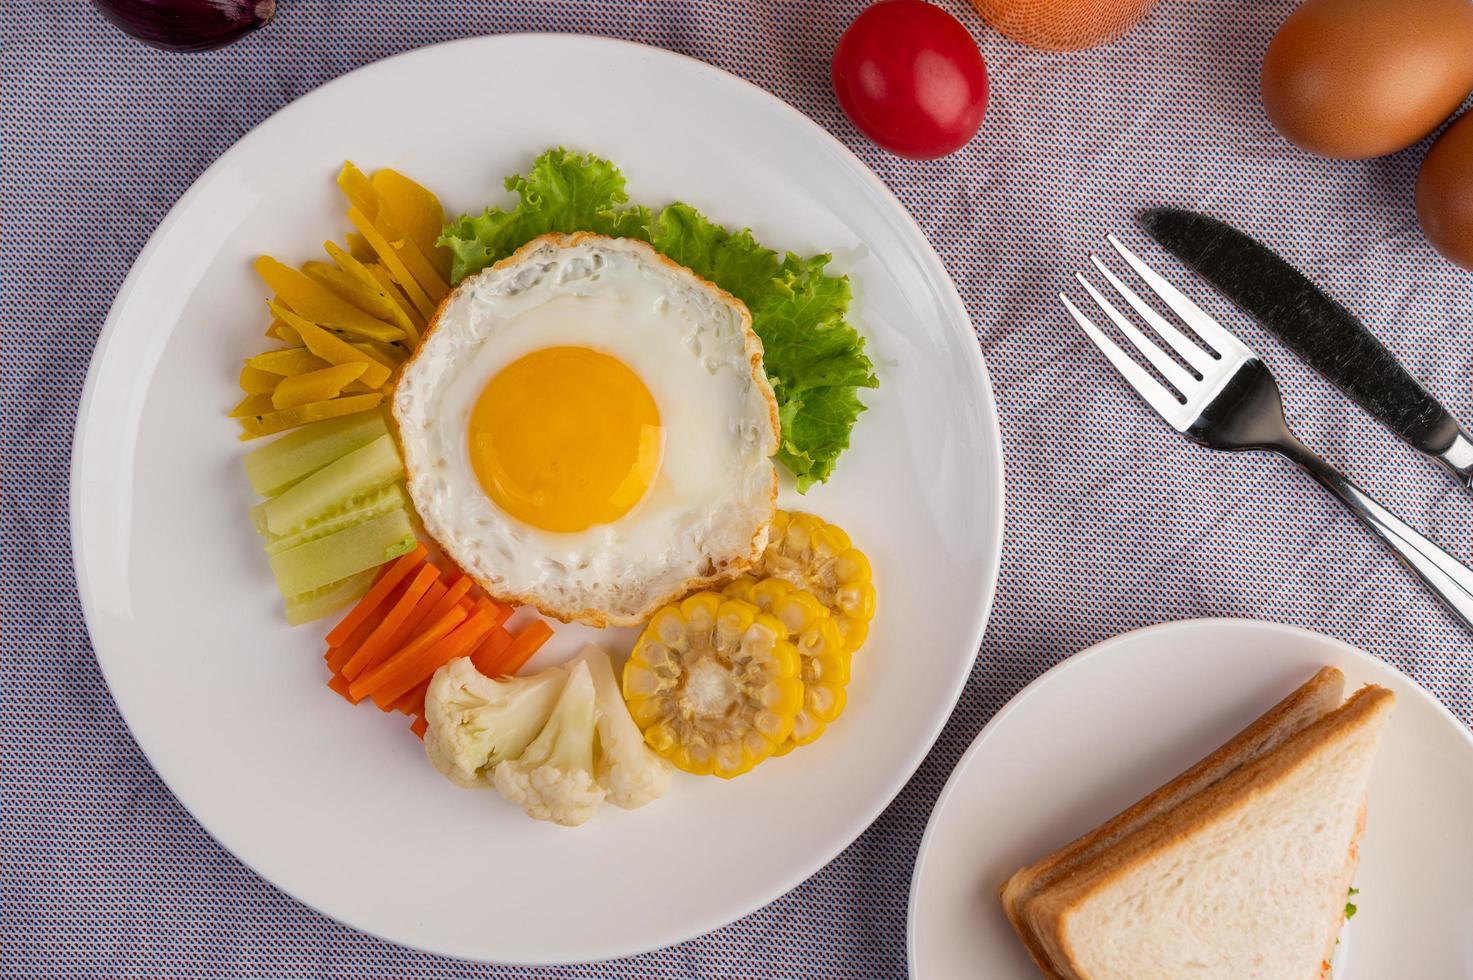 colazione a base di uova fritte con uova, insalata, zucca, cetrioli, carote e mais foto